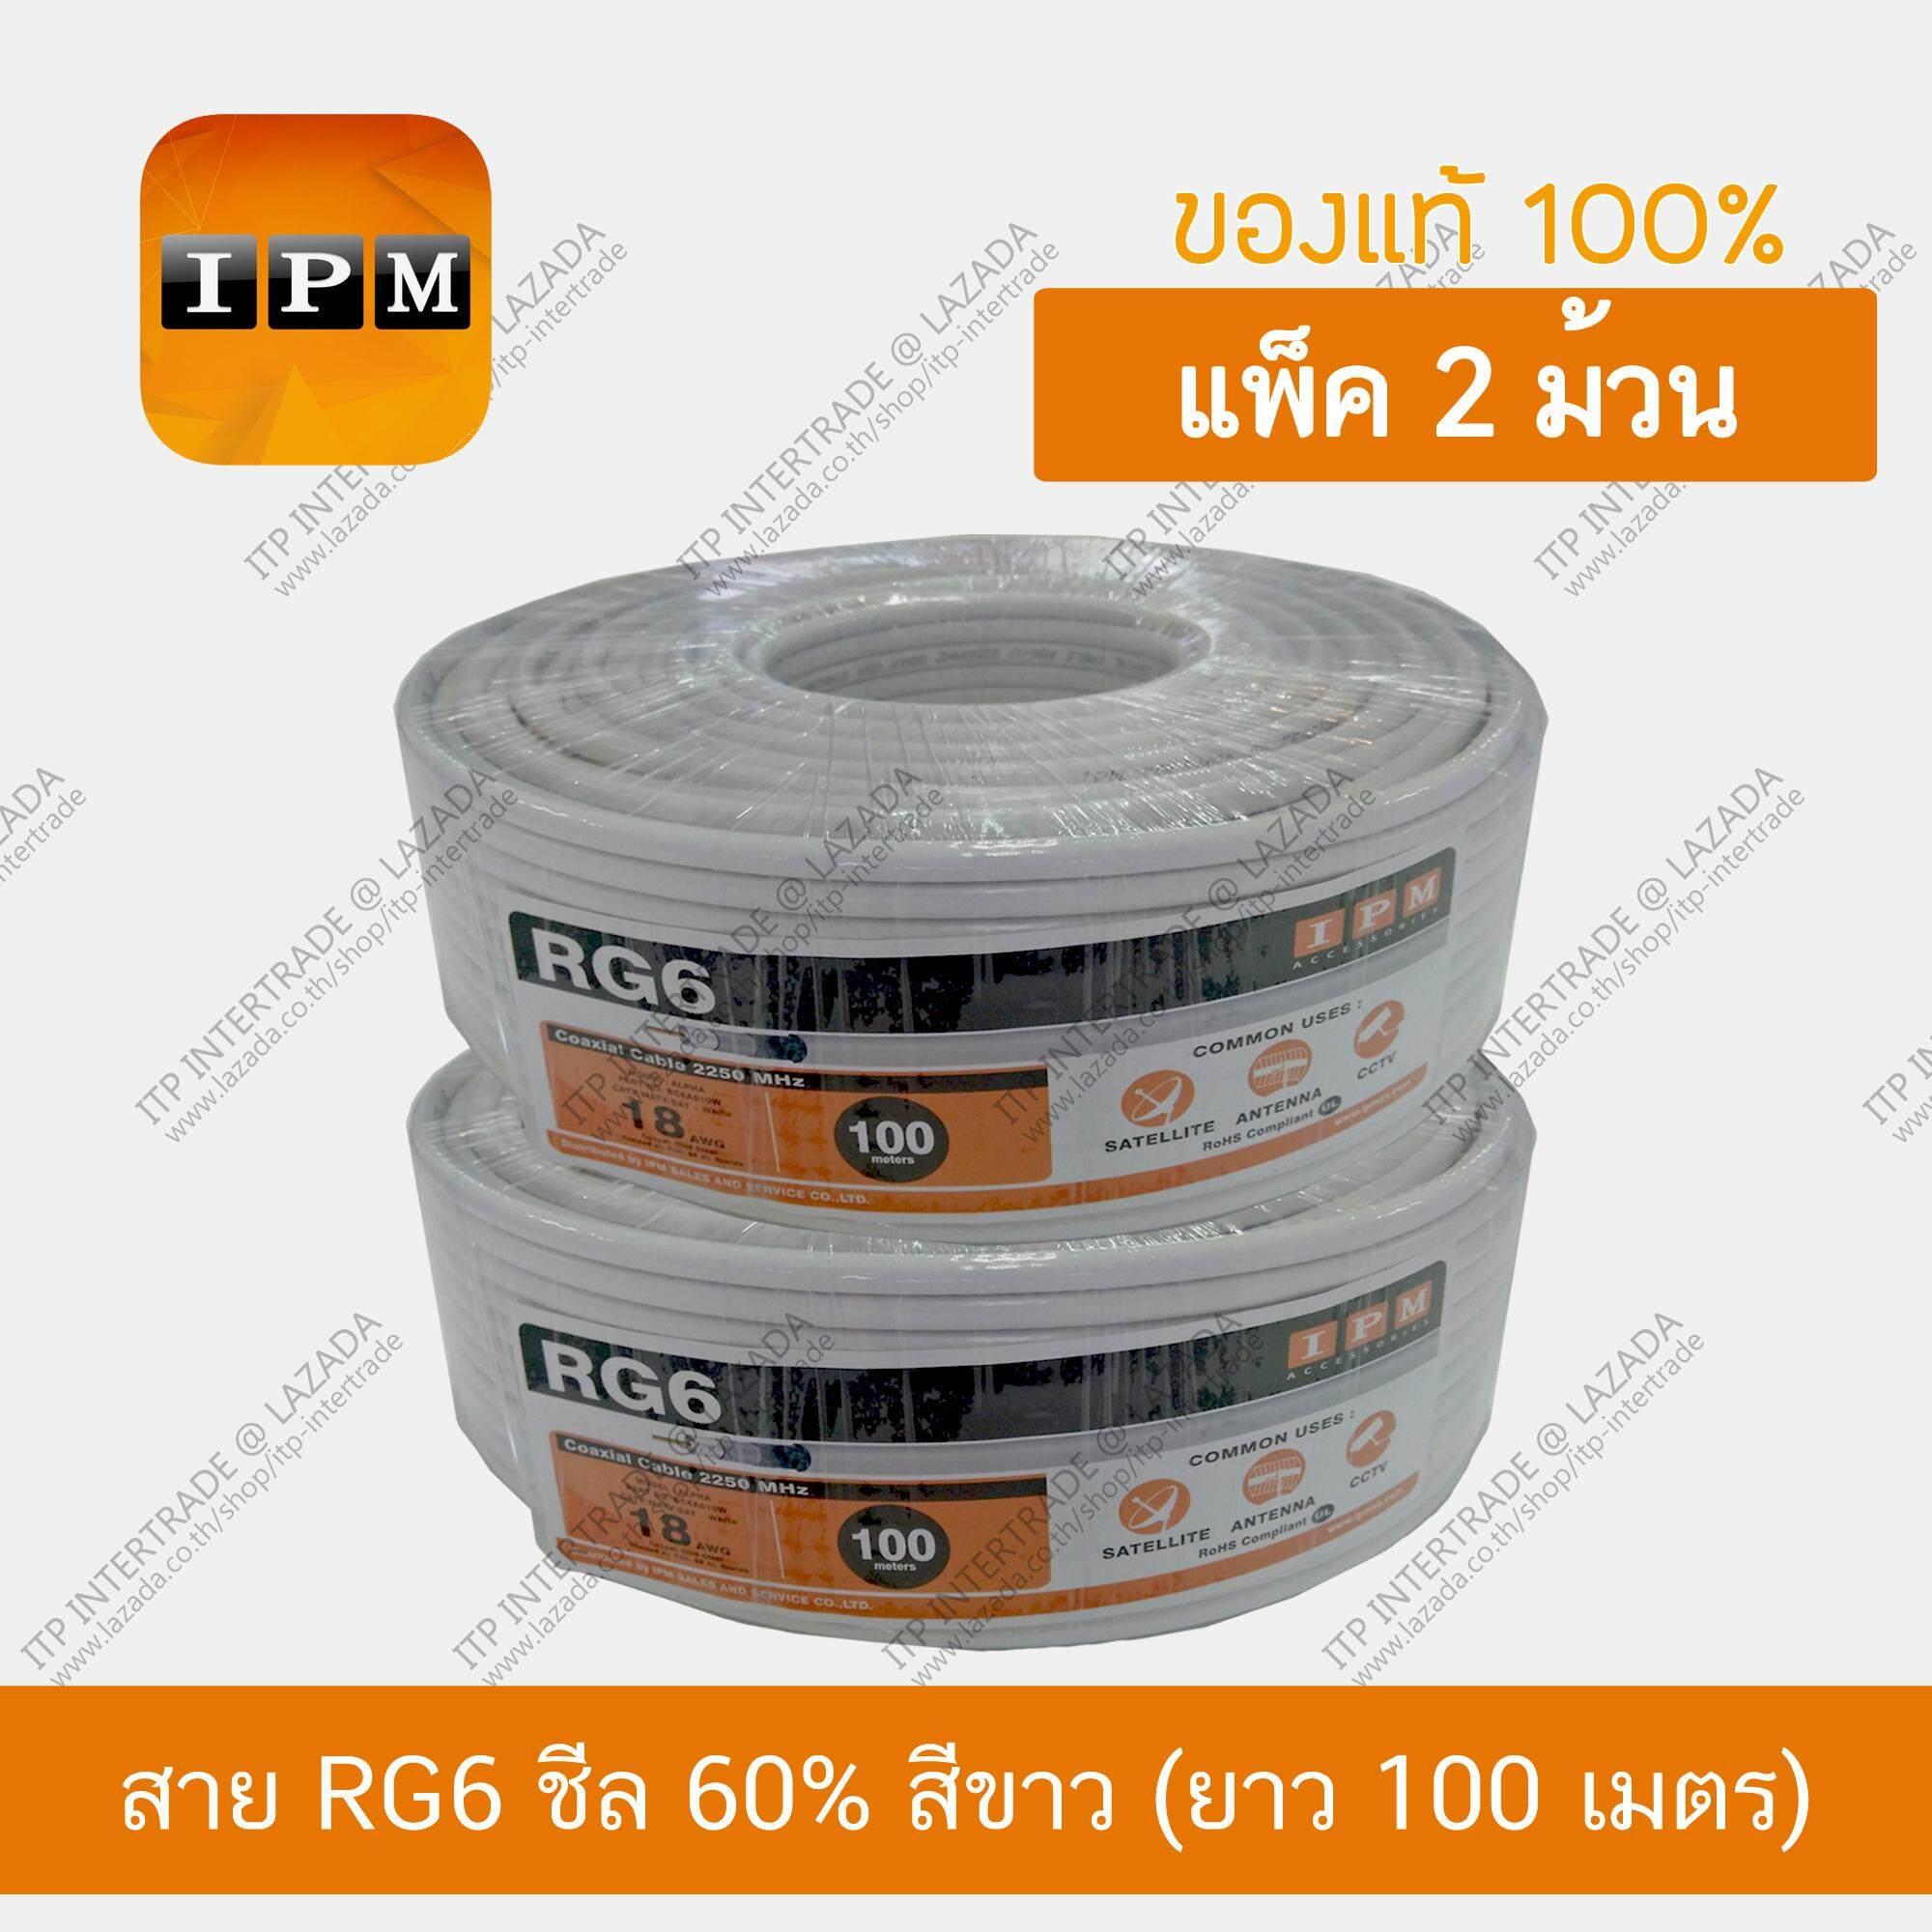 เก็บเงินปลายทางได้ IPM สายนำสัญญาณ RG6 ชีล 60% สีขาว ยาวม้วนละ 100 เมตร แพ็ค 2 ม้วน (ส่ง kerry ฟรี)